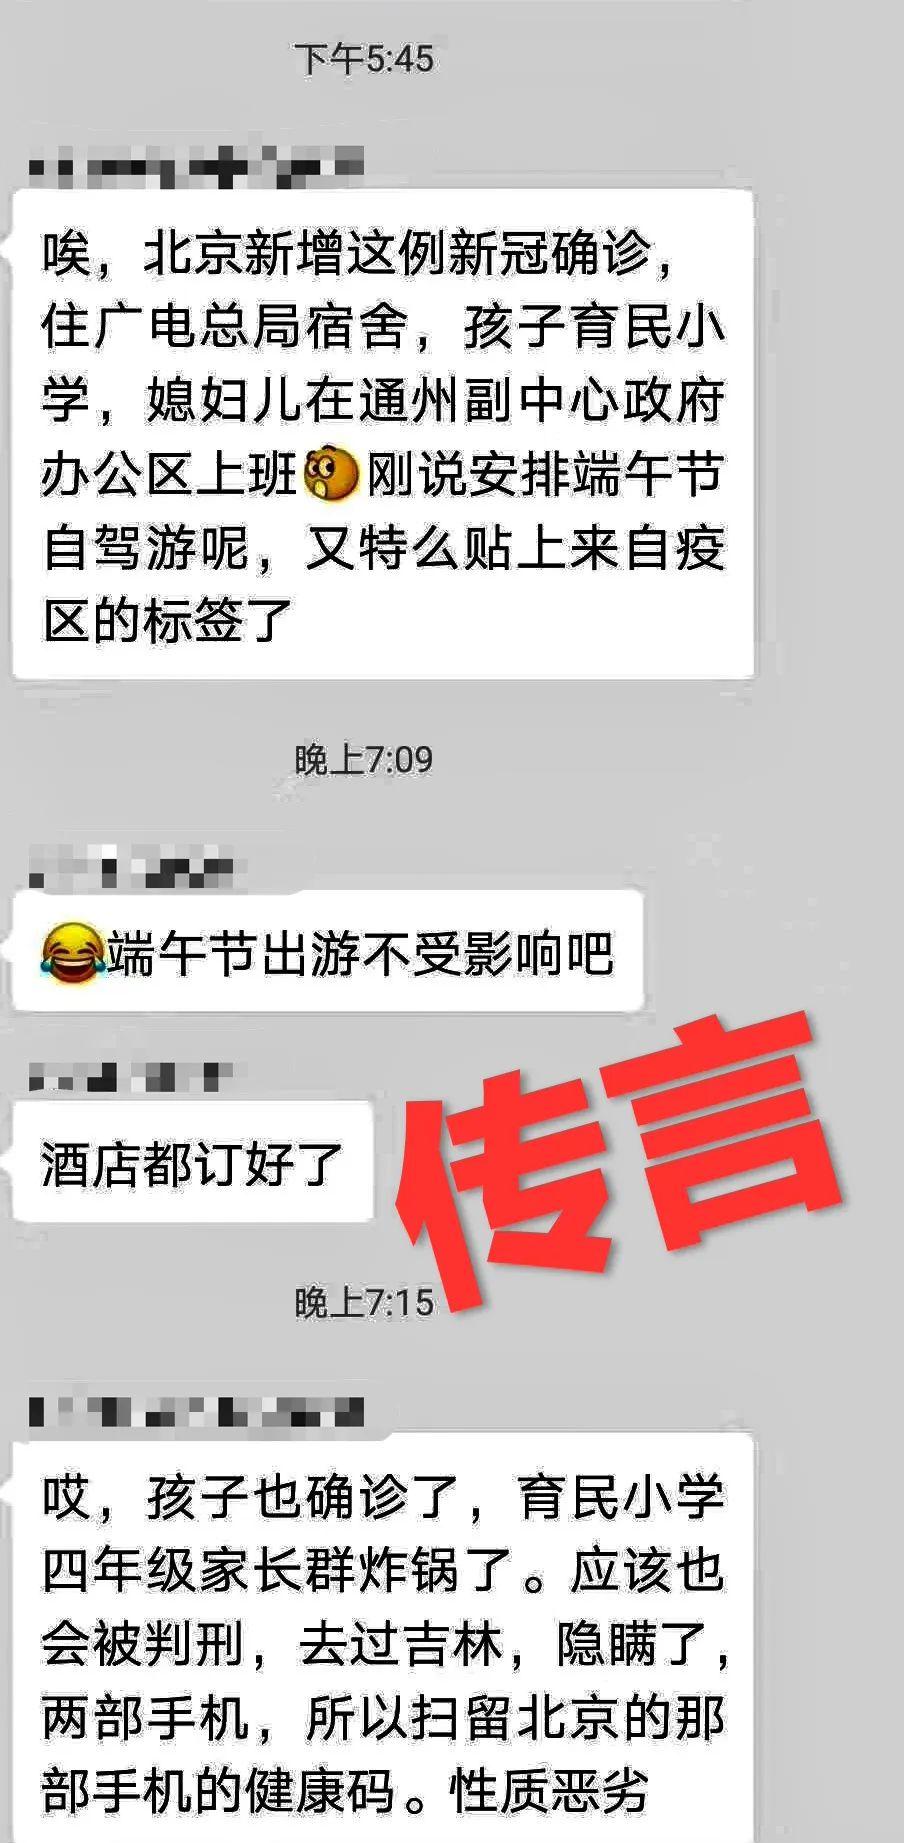 【长沙网站优化培训】_北京西城区长:病例没去过吉林 没瞒报行程